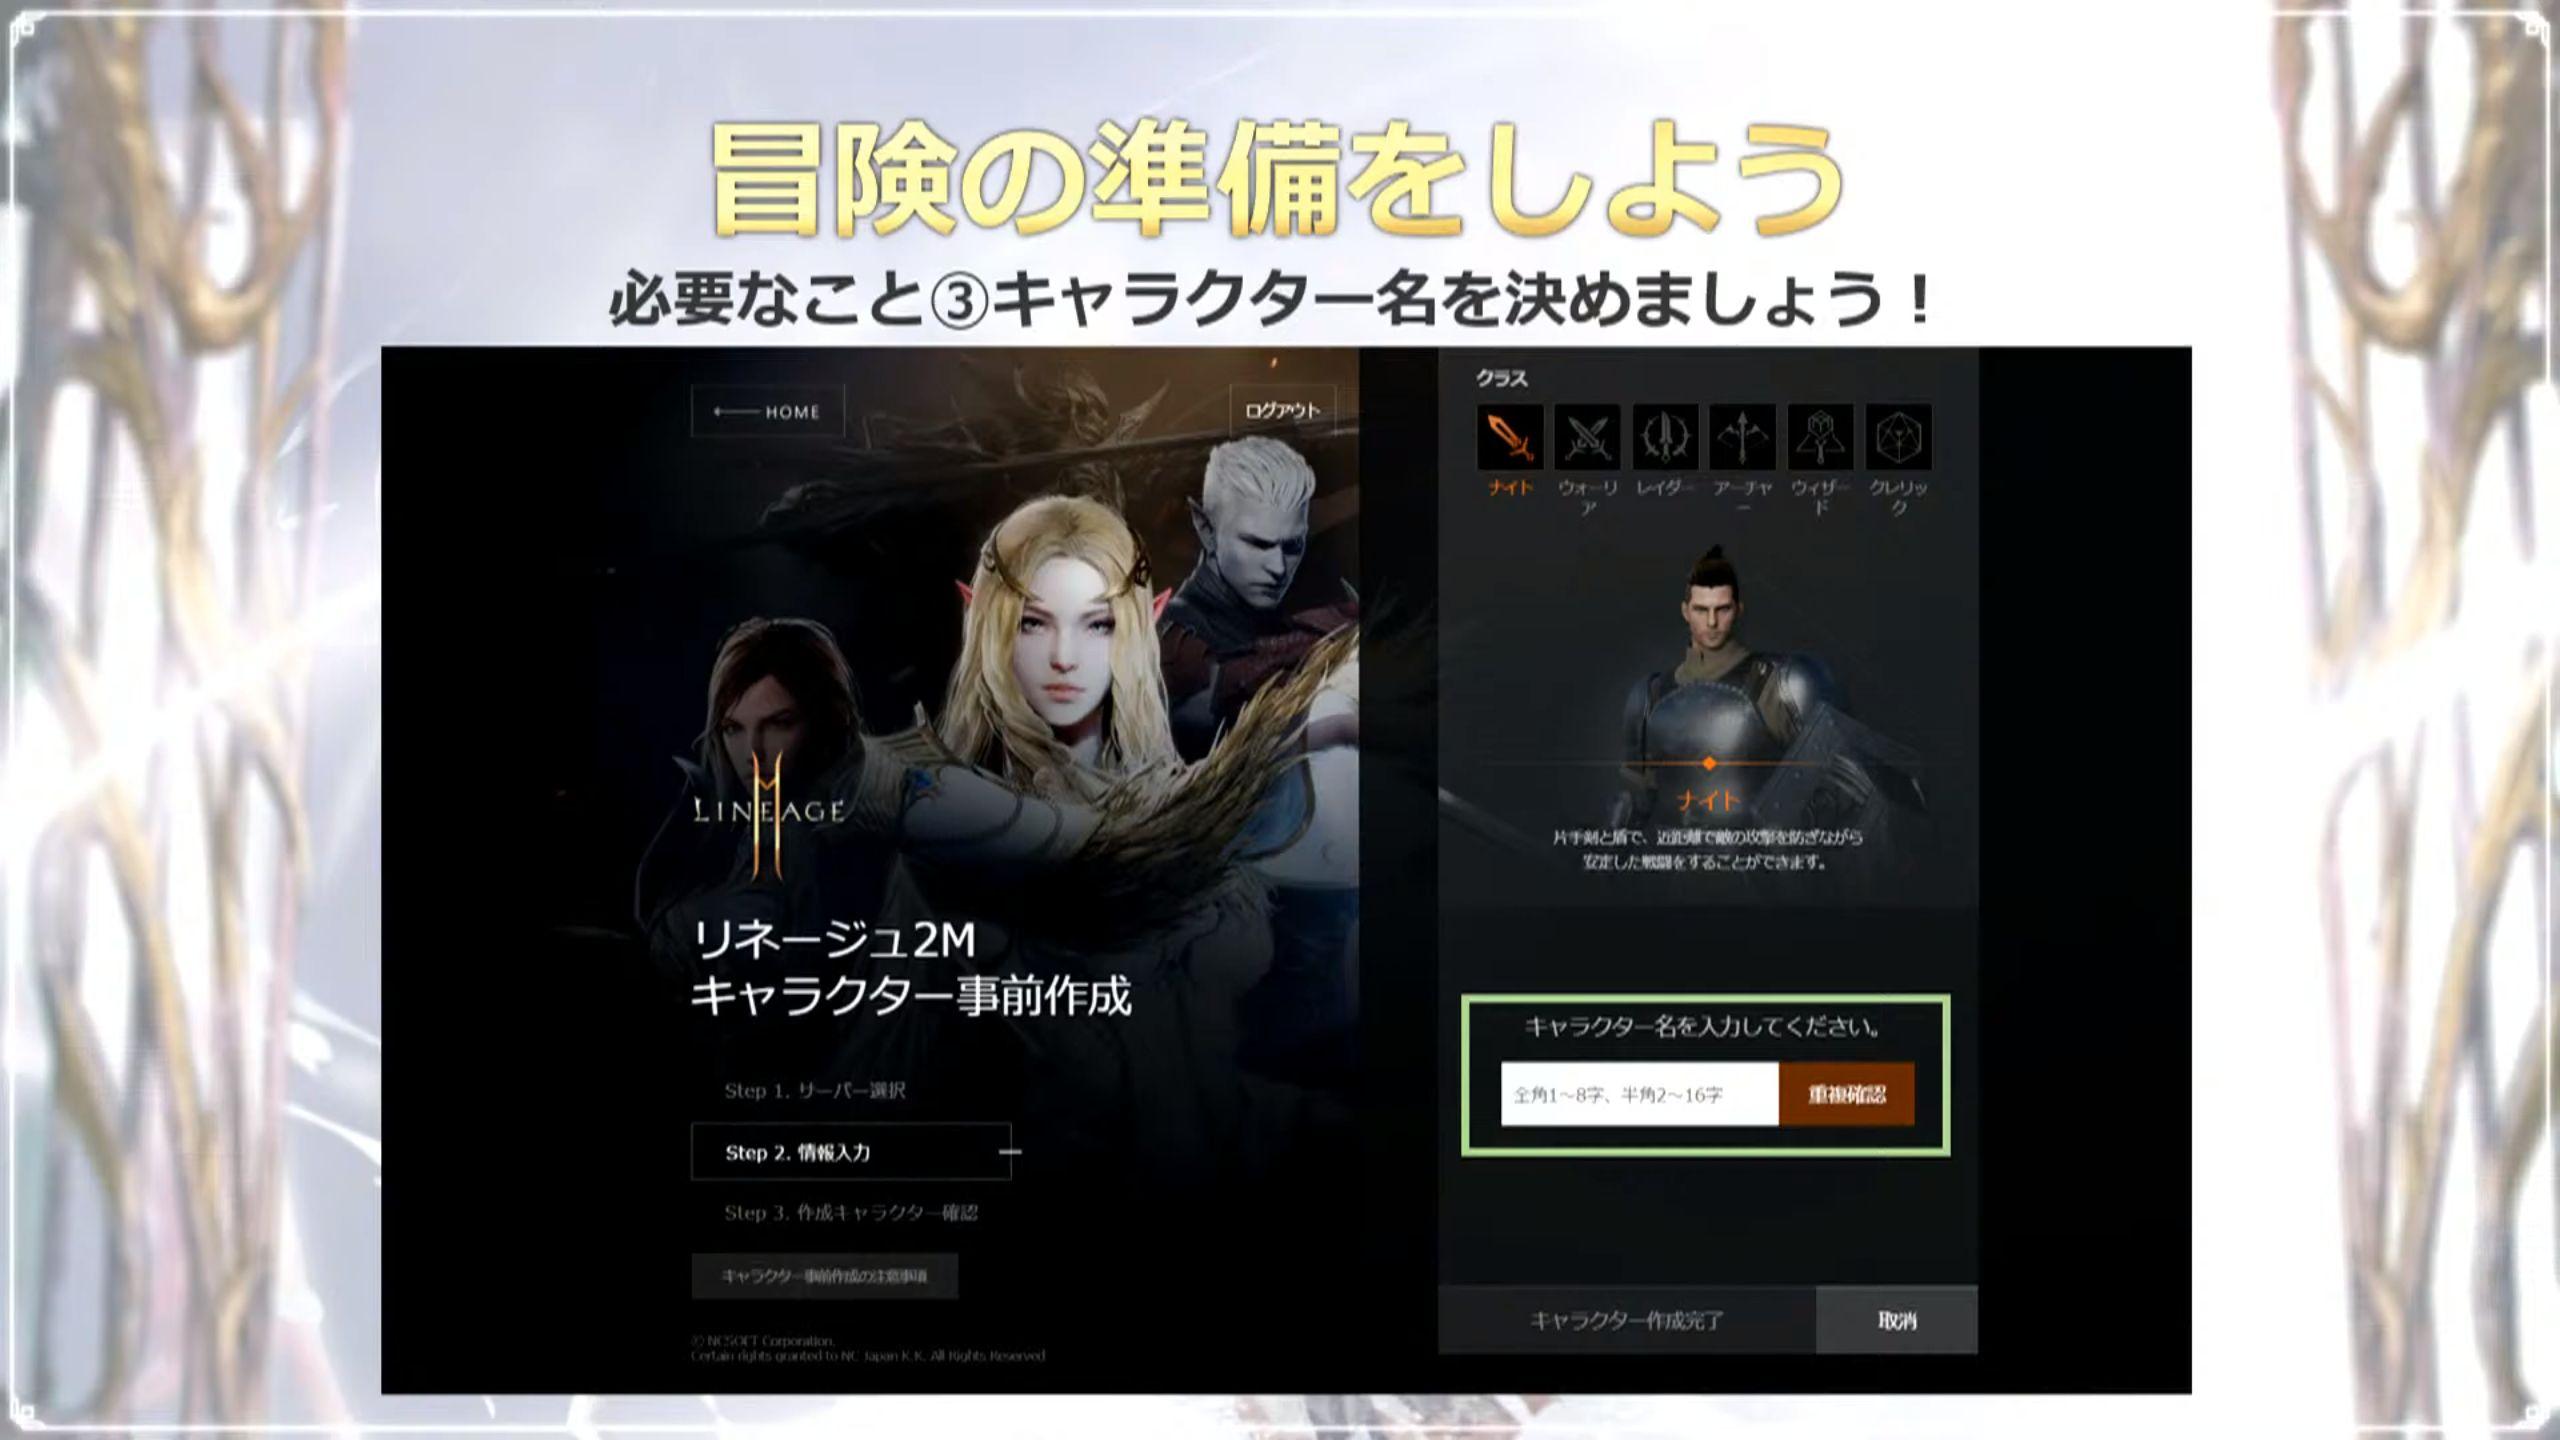 Webから事前キャラクター作成ができる。既に満員になっているサーバーもあるので注意が必要だ